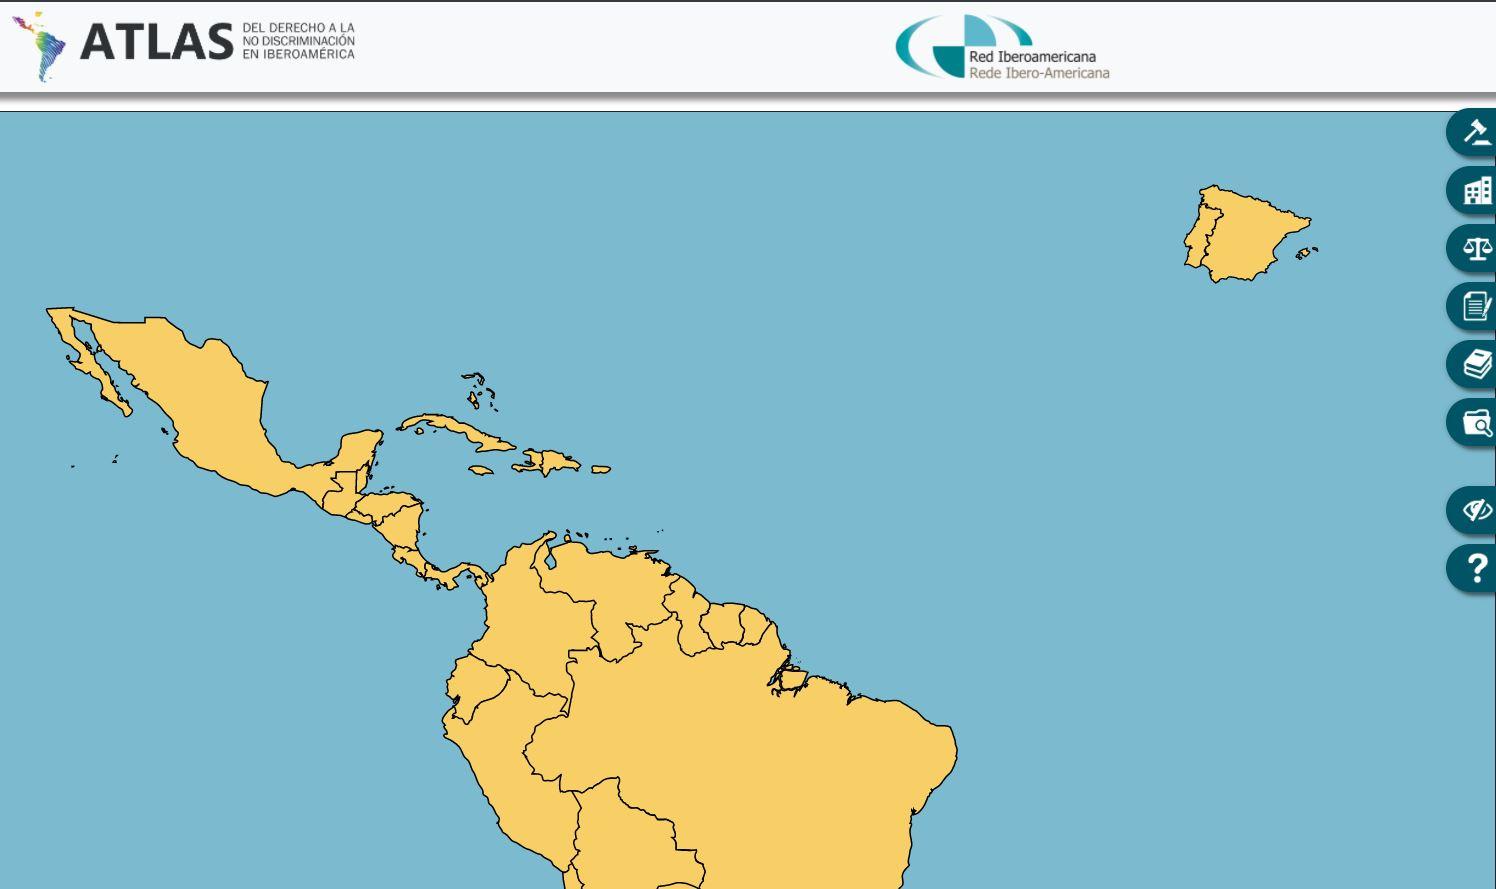 Atlas del derecho a la no Discriminación en Iberoamérica